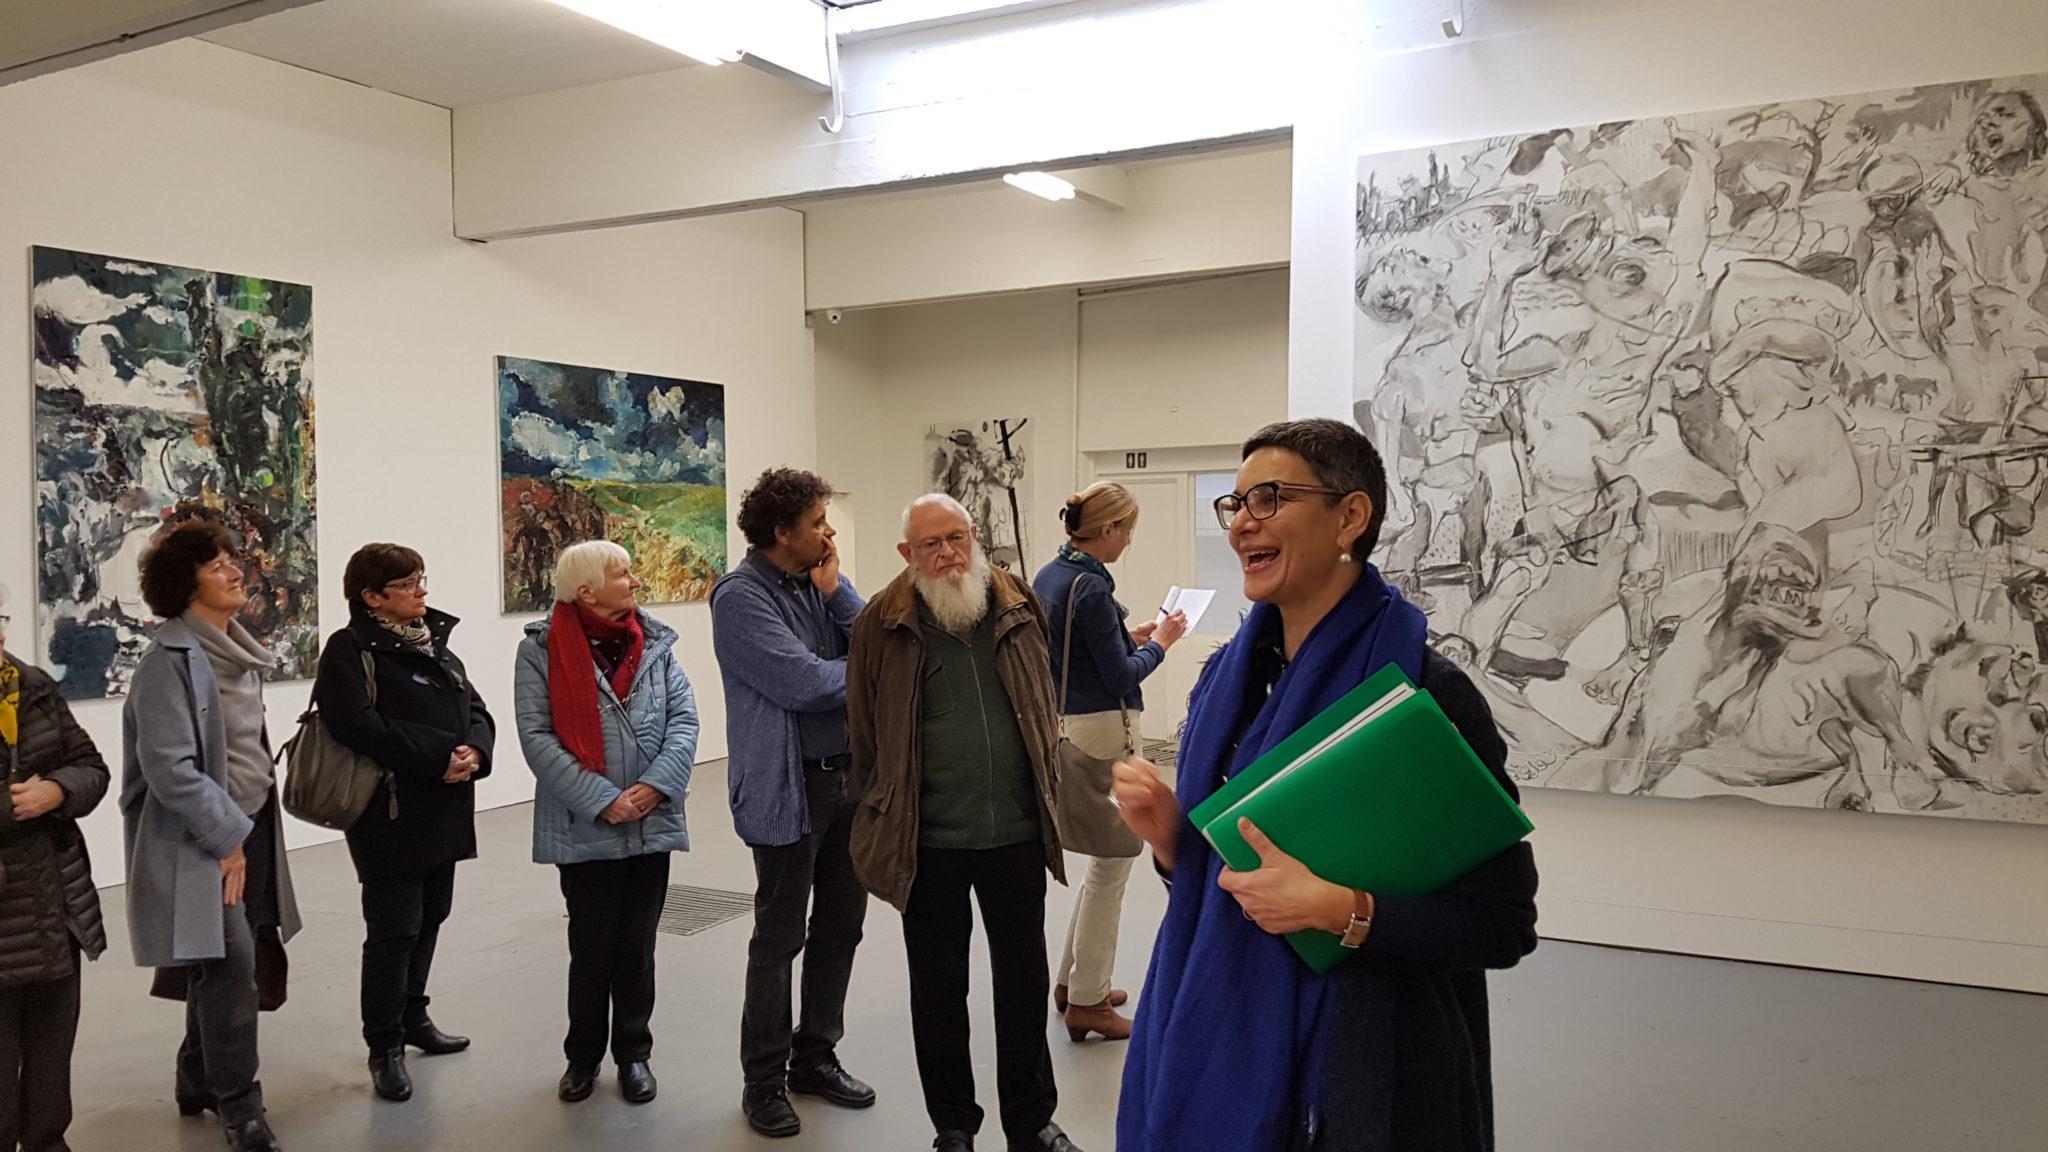 bezoek Galerij Sam Dillemans november 2018